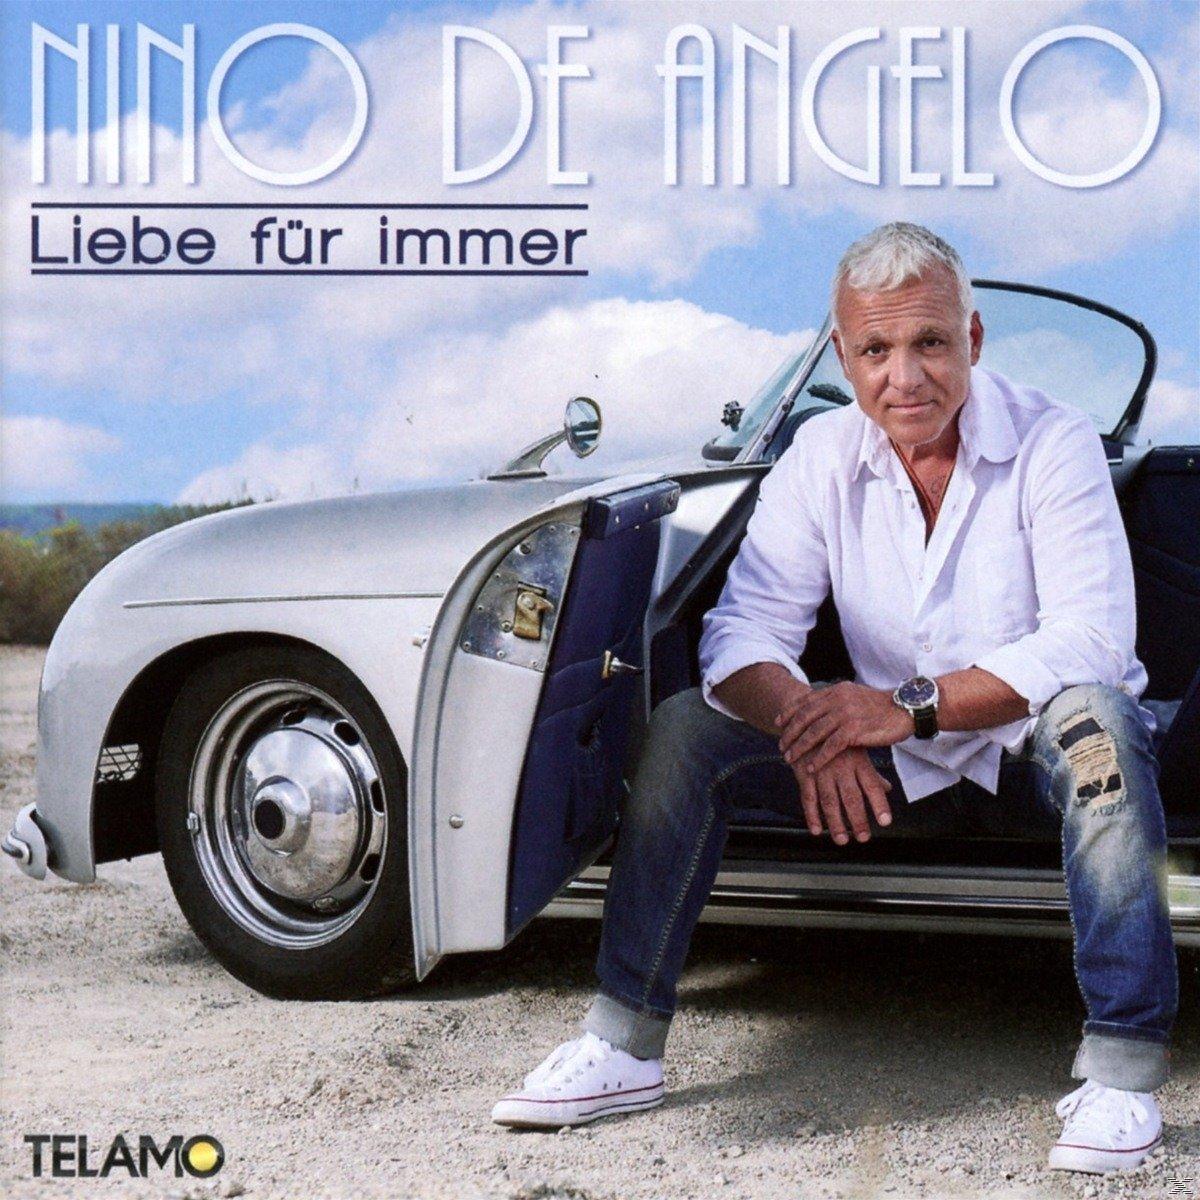 Liebe Für Immer (Nino De Angelo) für 17,99 Euro